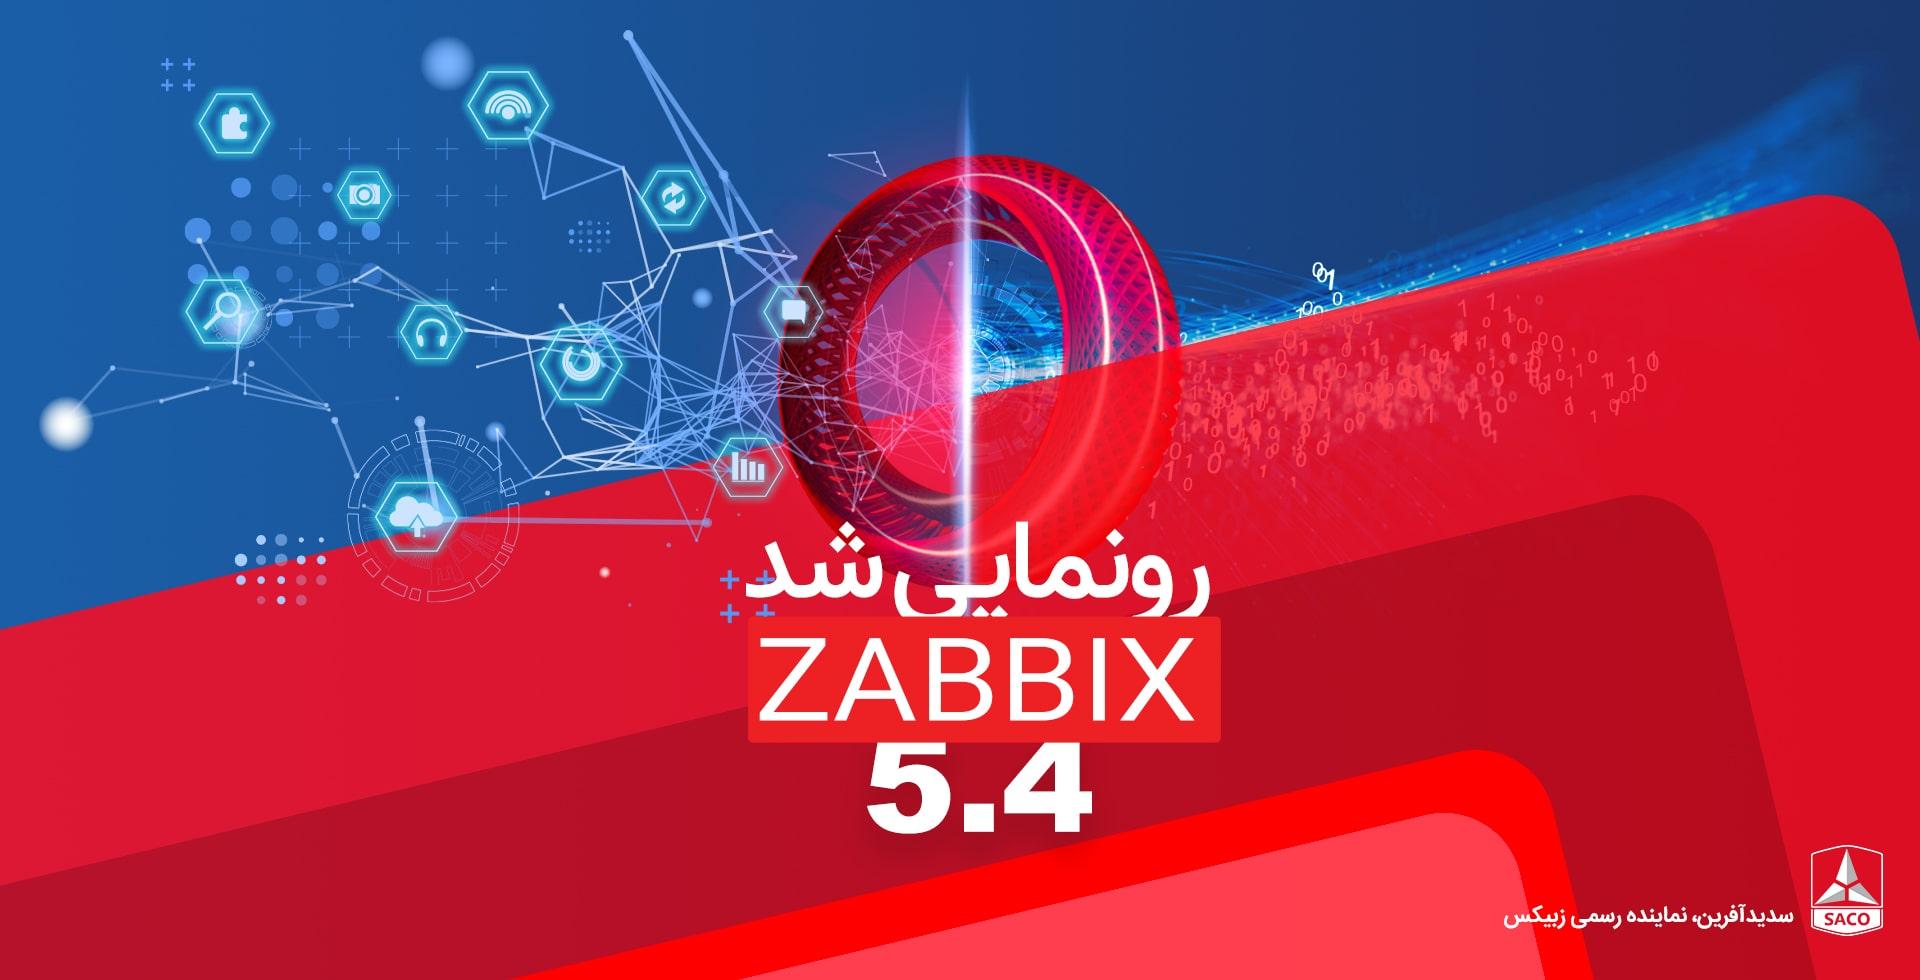 زبیکس از نسخه ۵.۴ خود رونمایی کرد